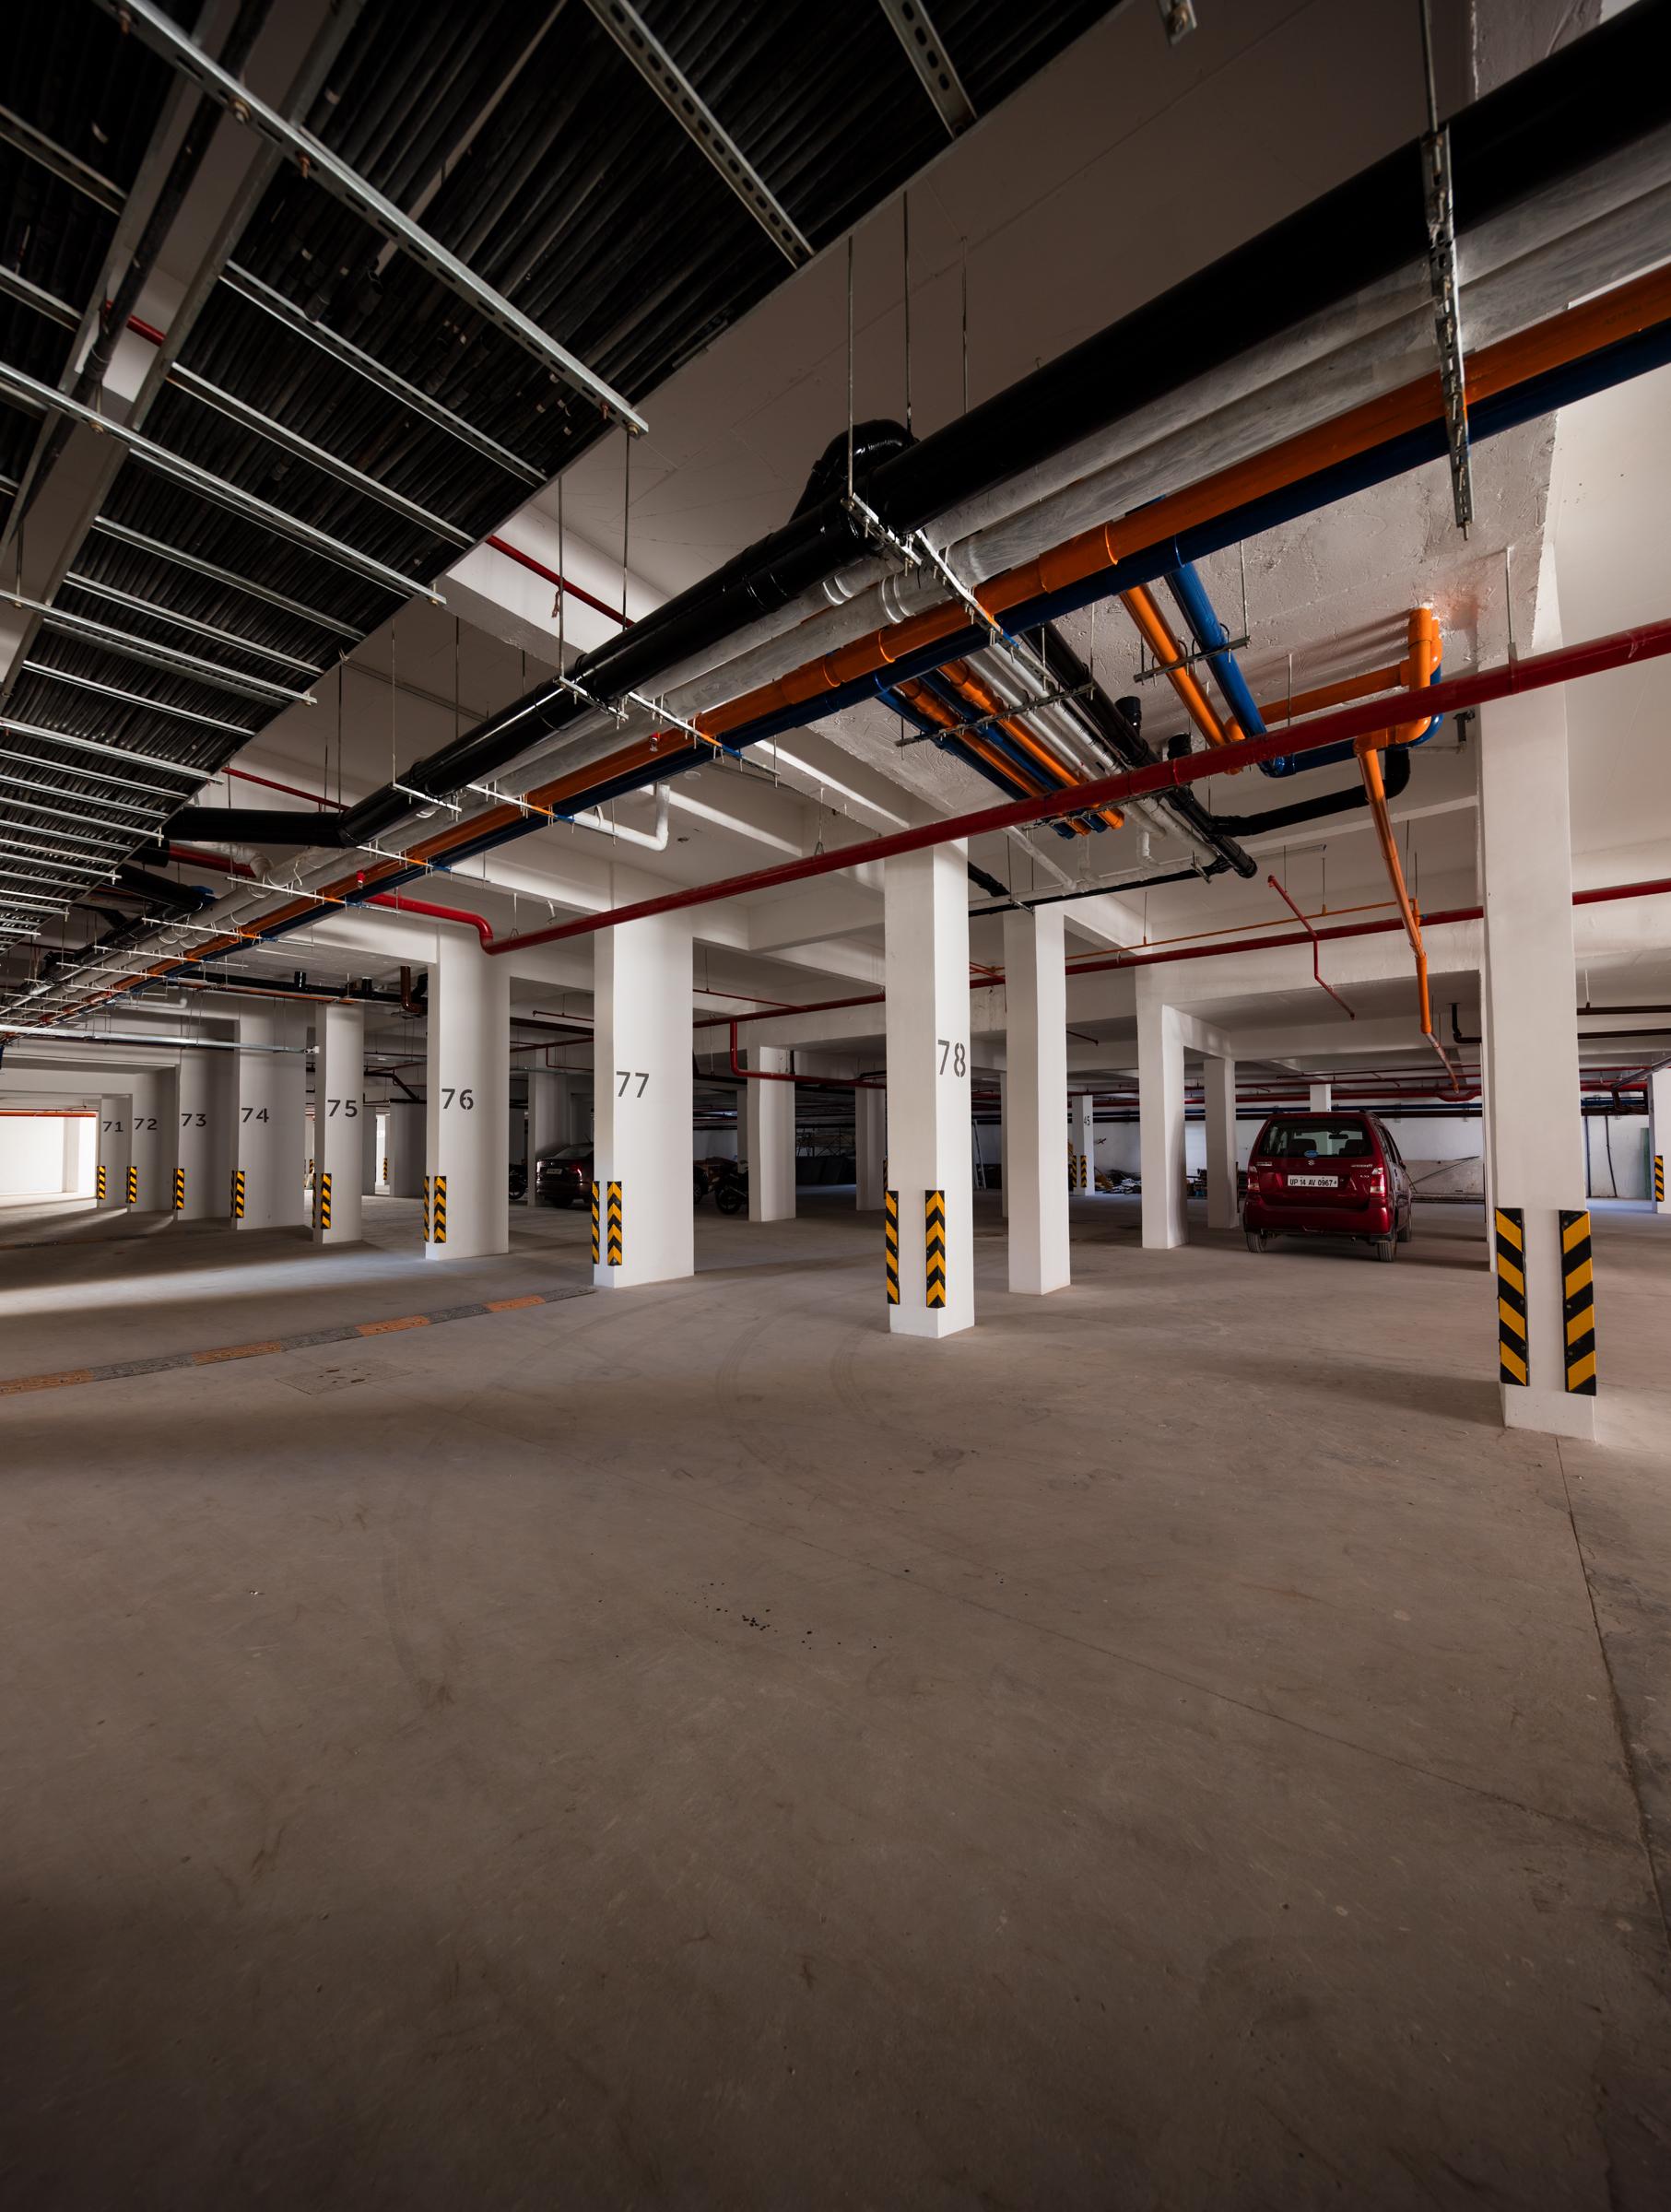 basement area car parking slots